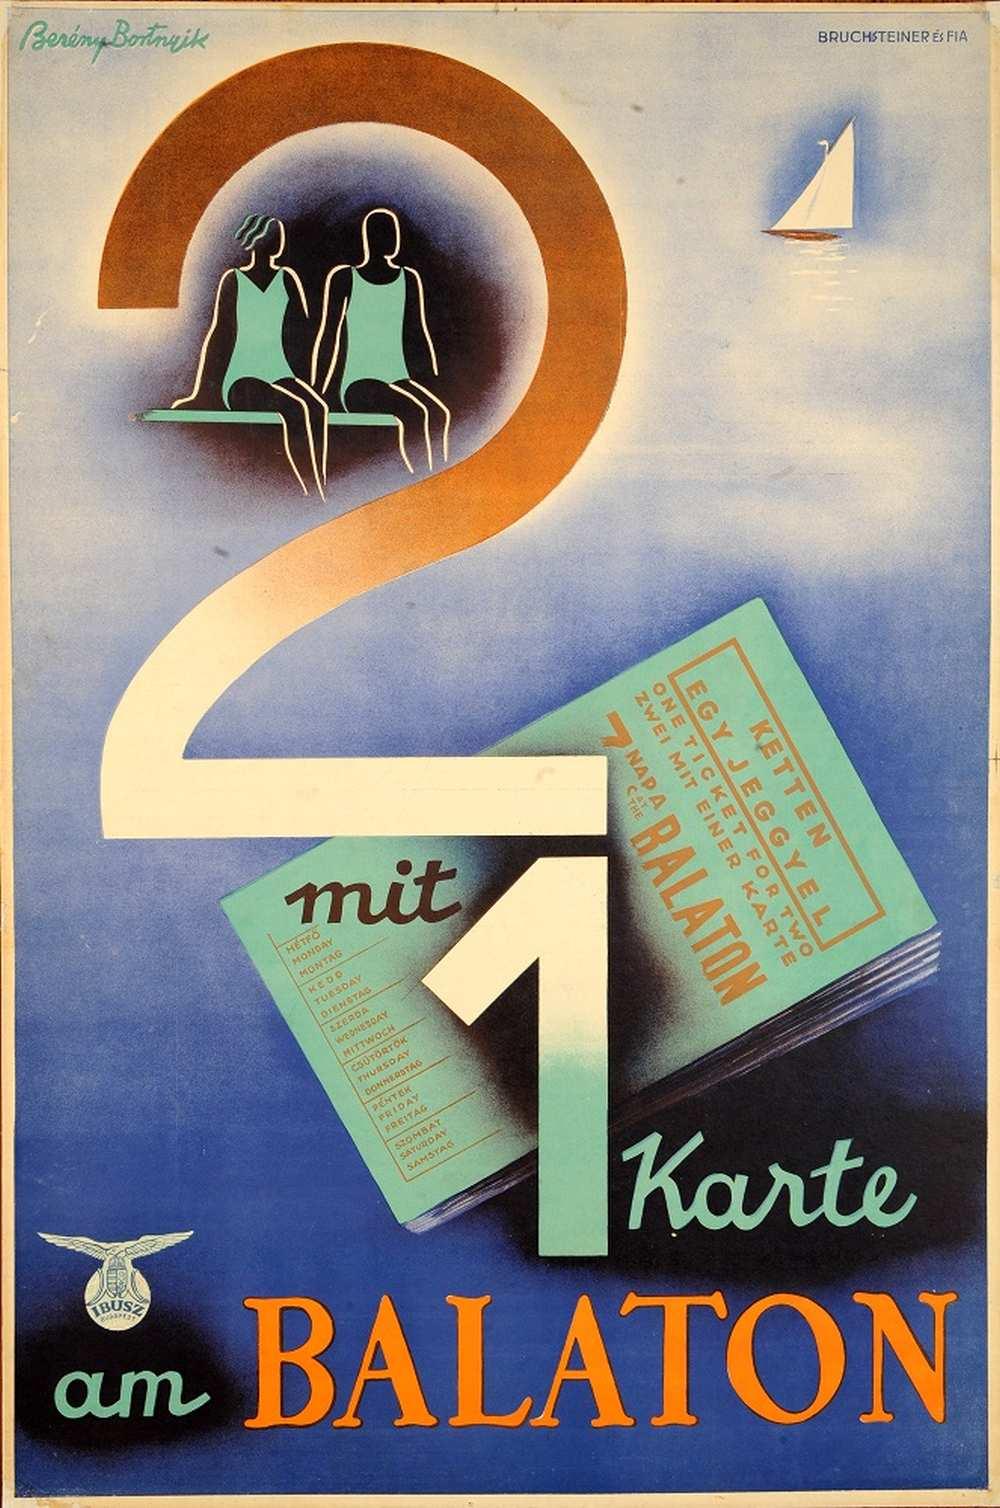 Berény Róbert: 2 mit 1 Karte am Balaton (1931). Jelzet: PKG.1931/135 – Térkép-, Plakát- és Kisnyomtatványtár http://nektar.oszk.hu/hu/manifestation/2792220